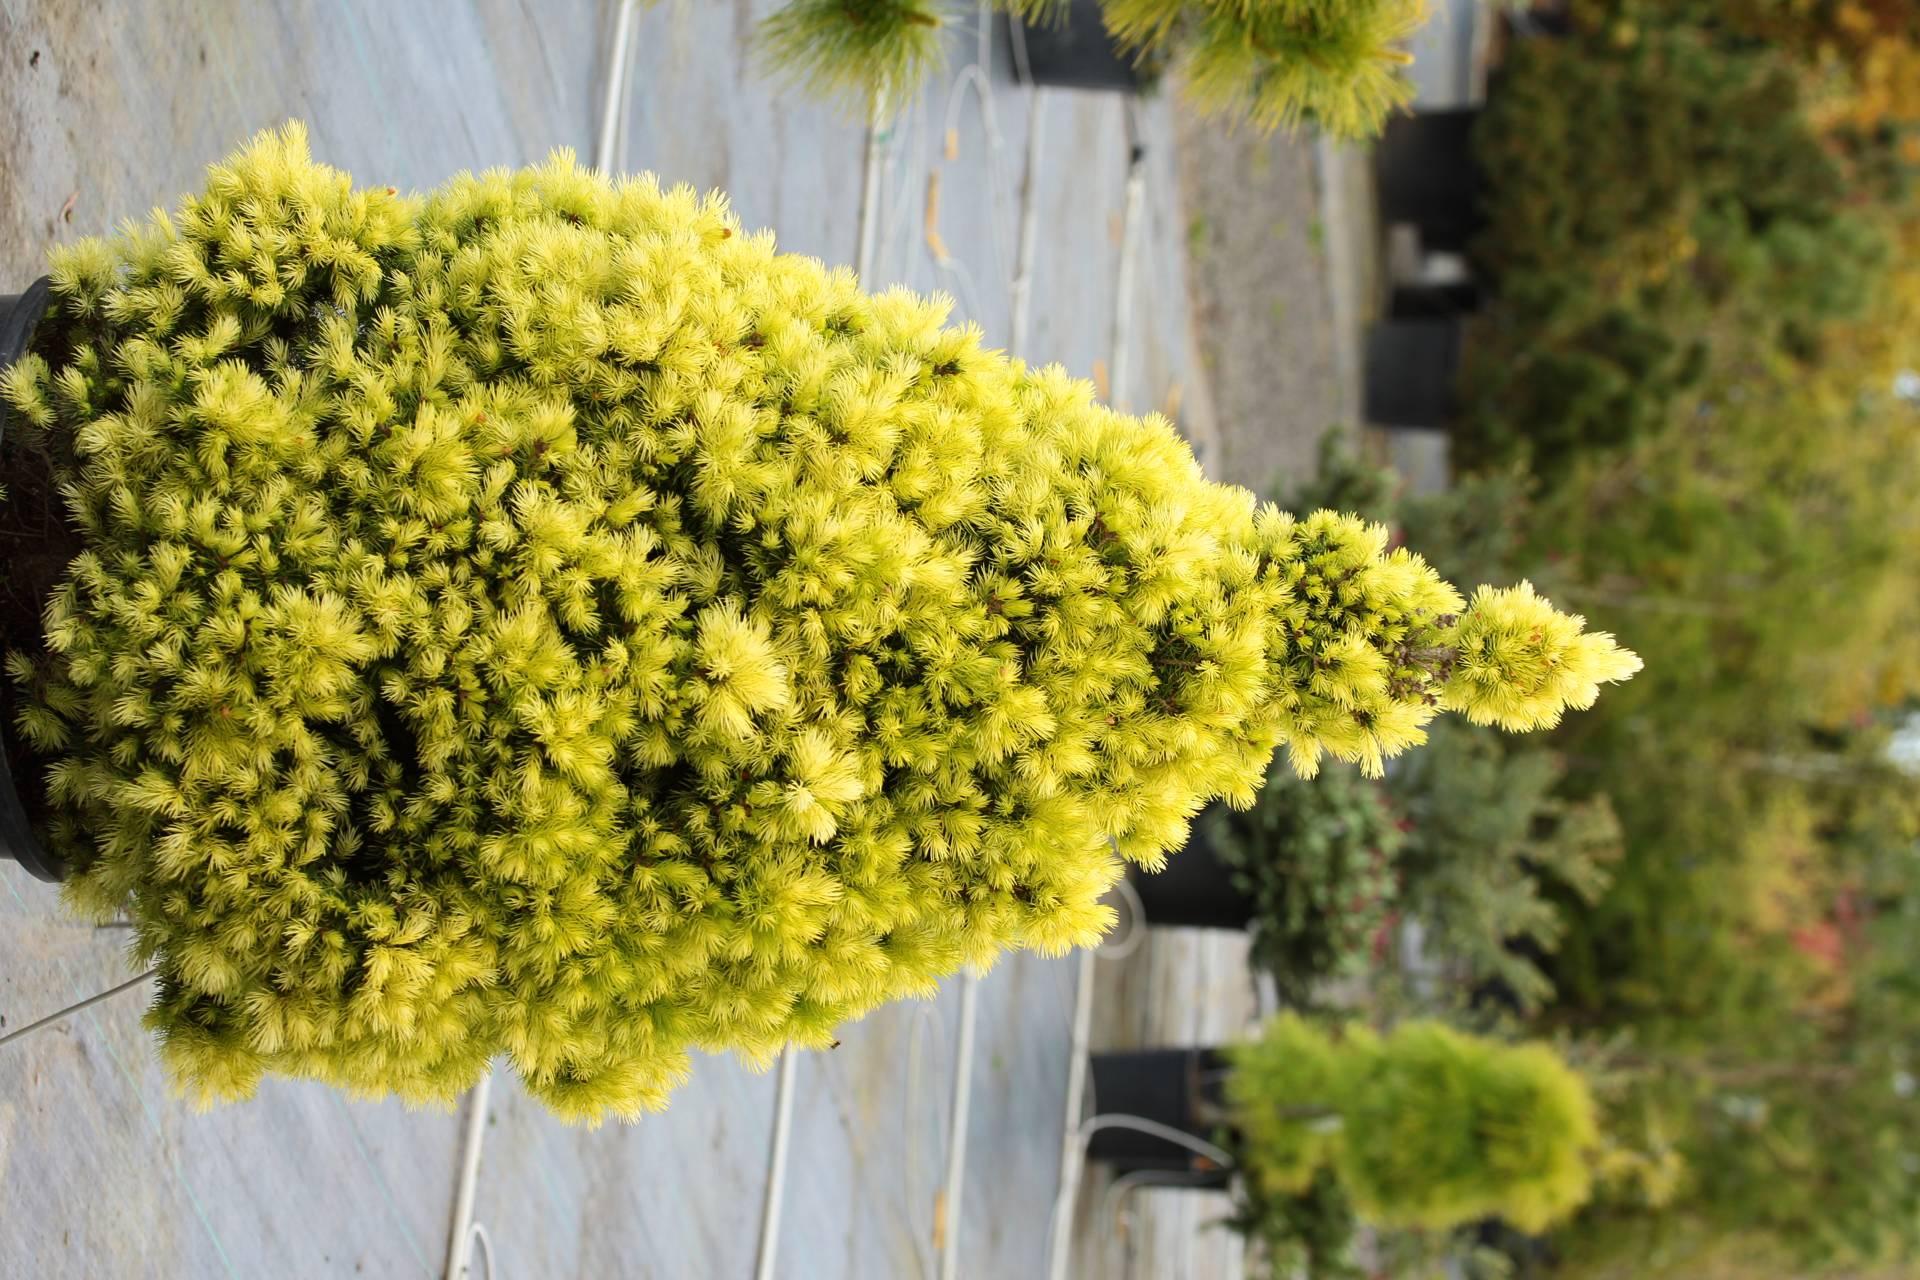 Picea glauca Daisy White conifer cone white green